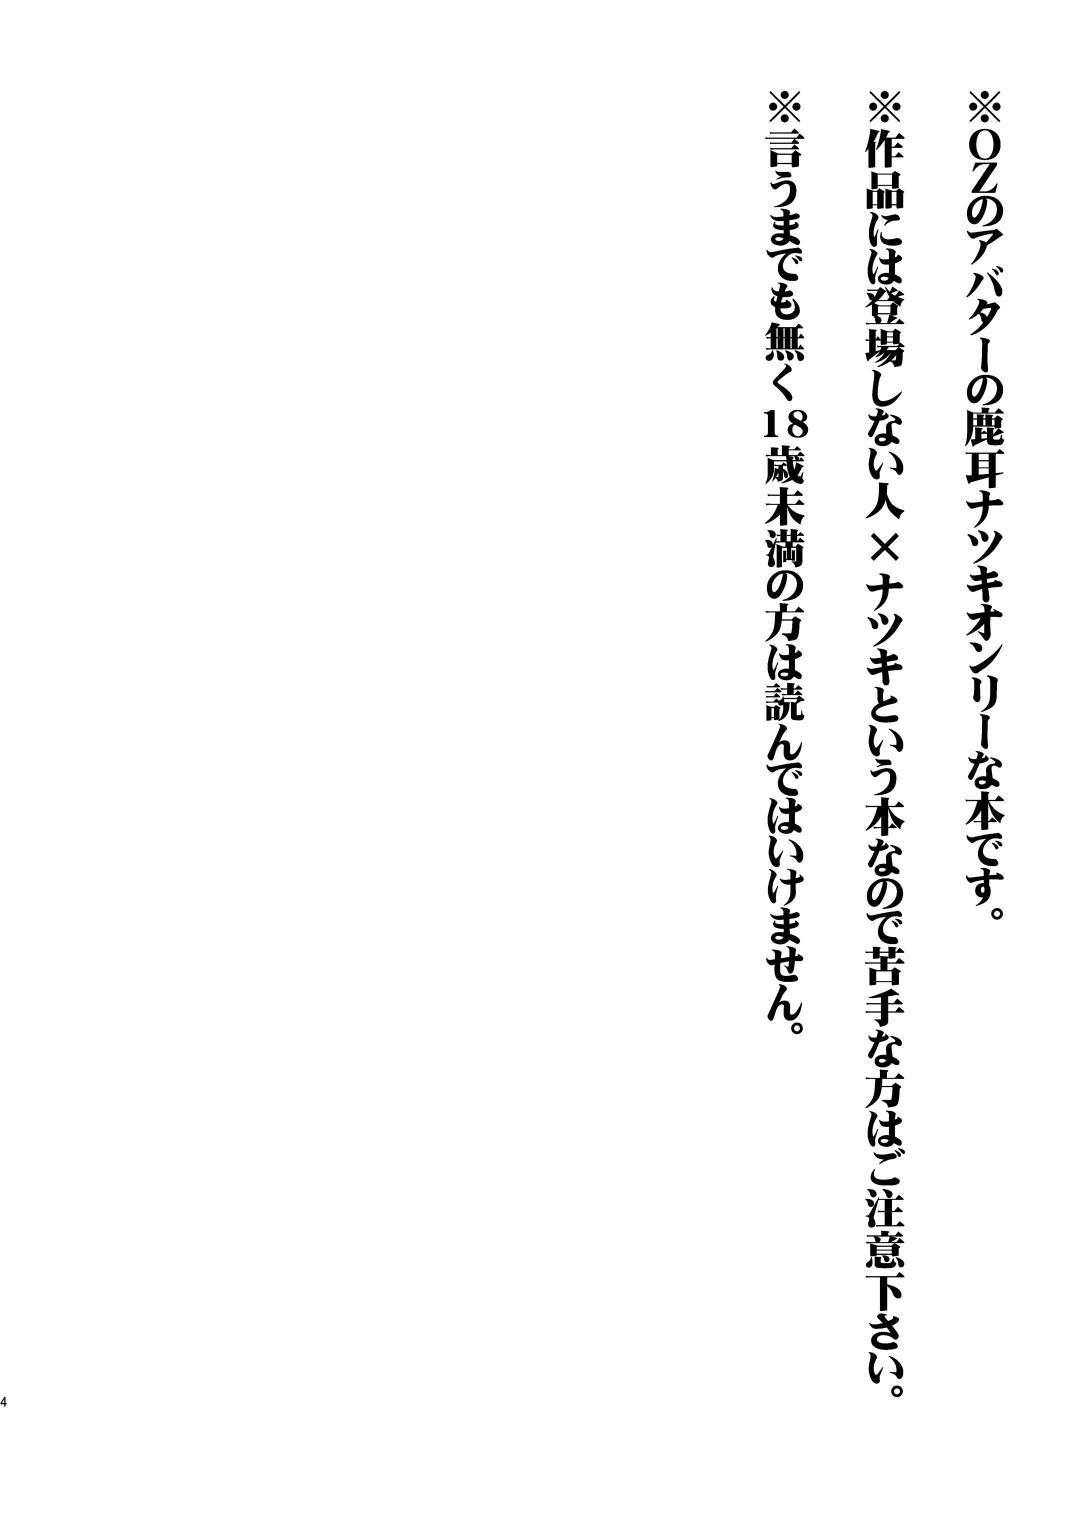 Natsuki Senpai wa Ore no Yome! 3